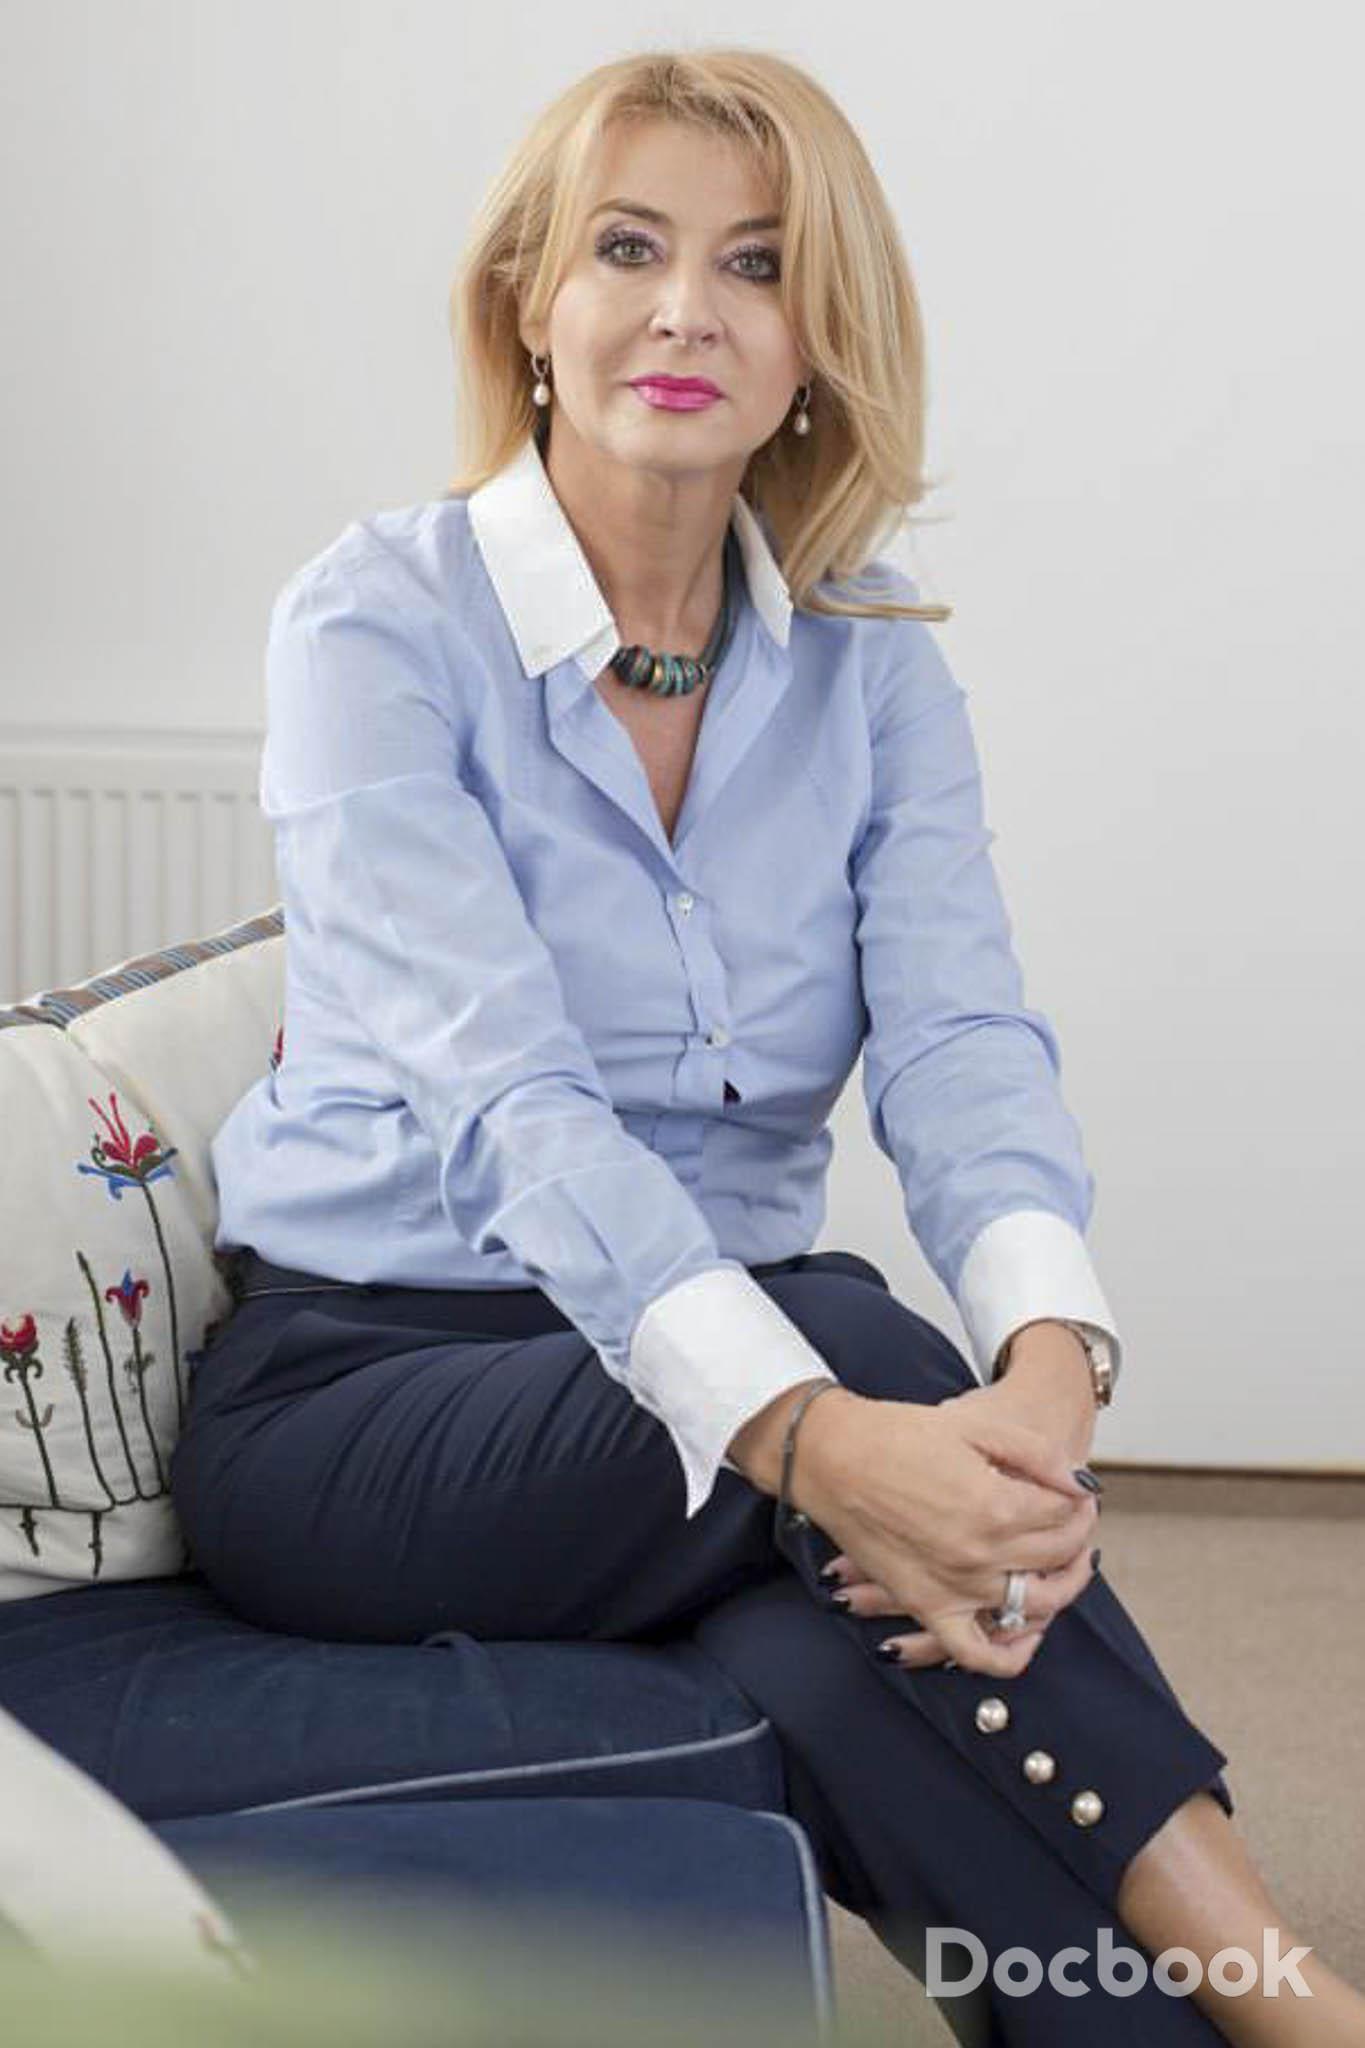 Valentina Mahfouz